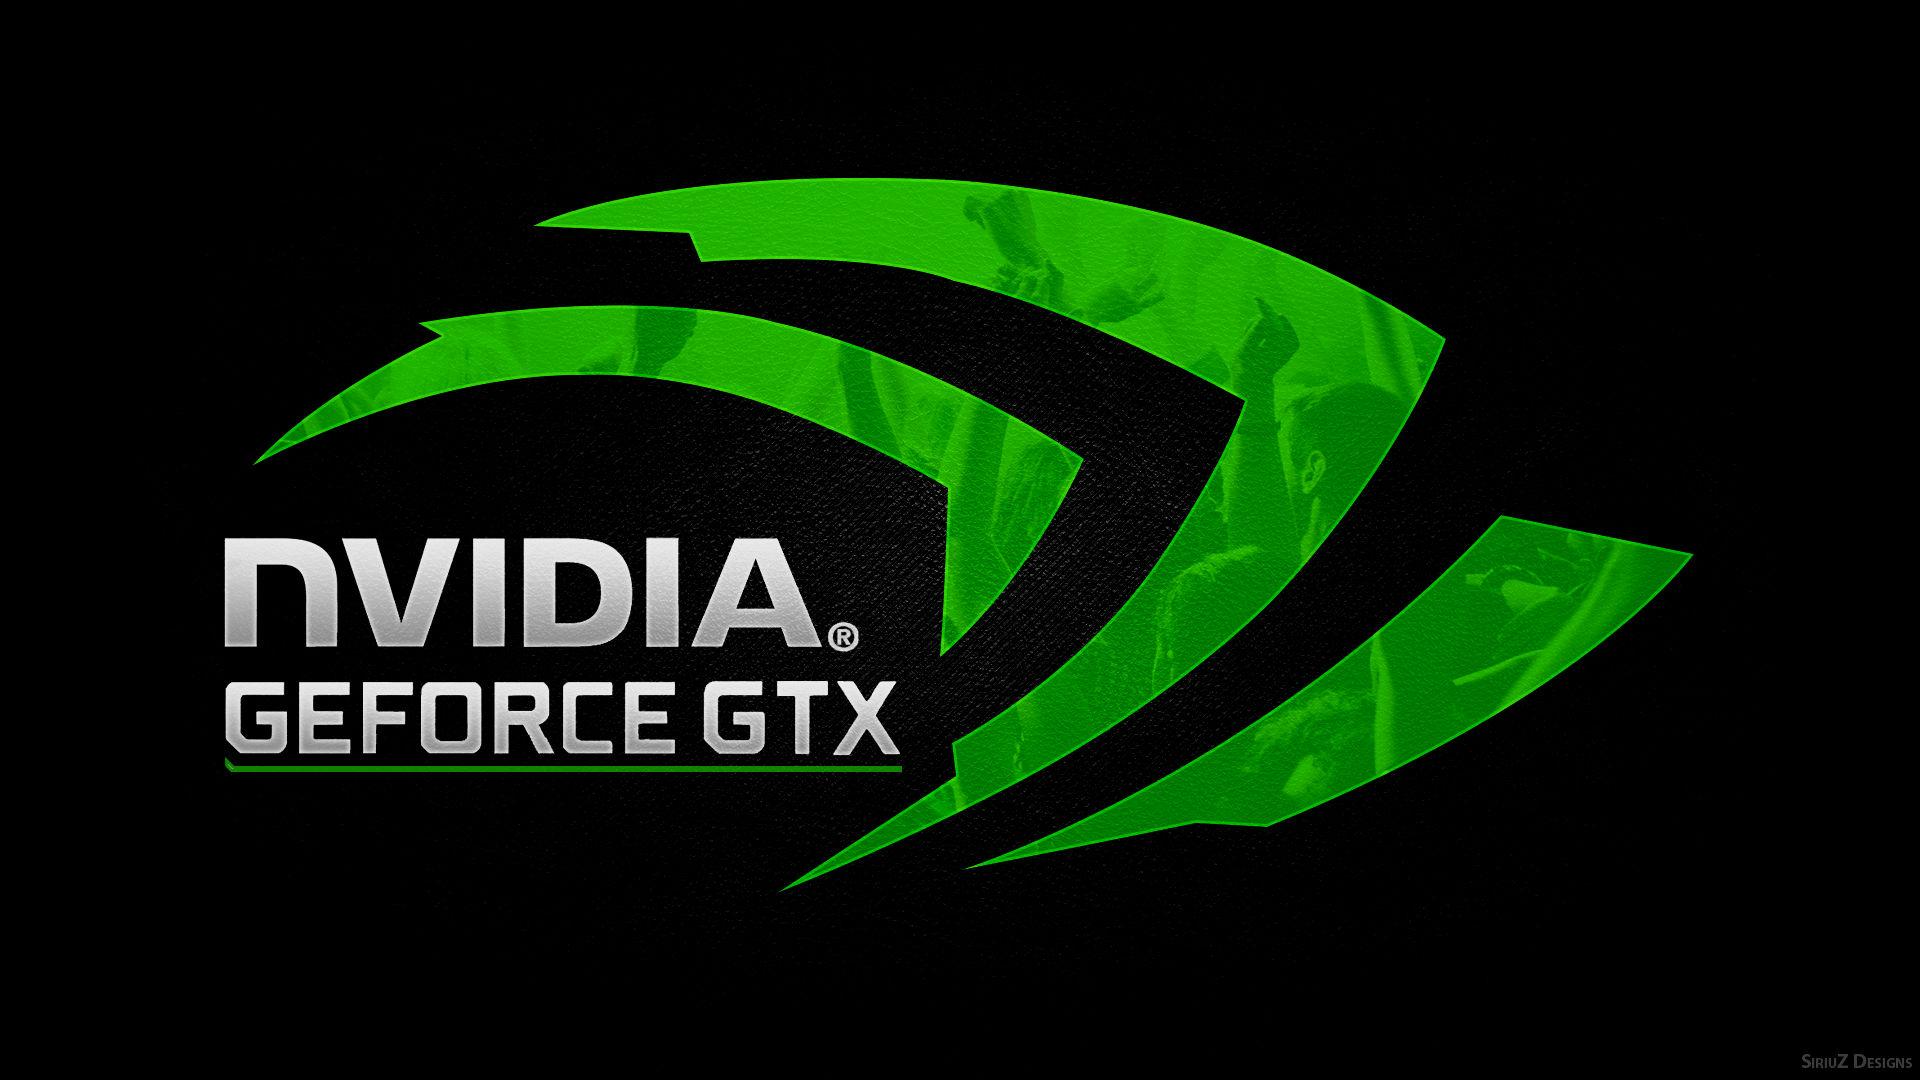 """Résultat de recherche d'images pour """"nvidia geforce gtx"""""""